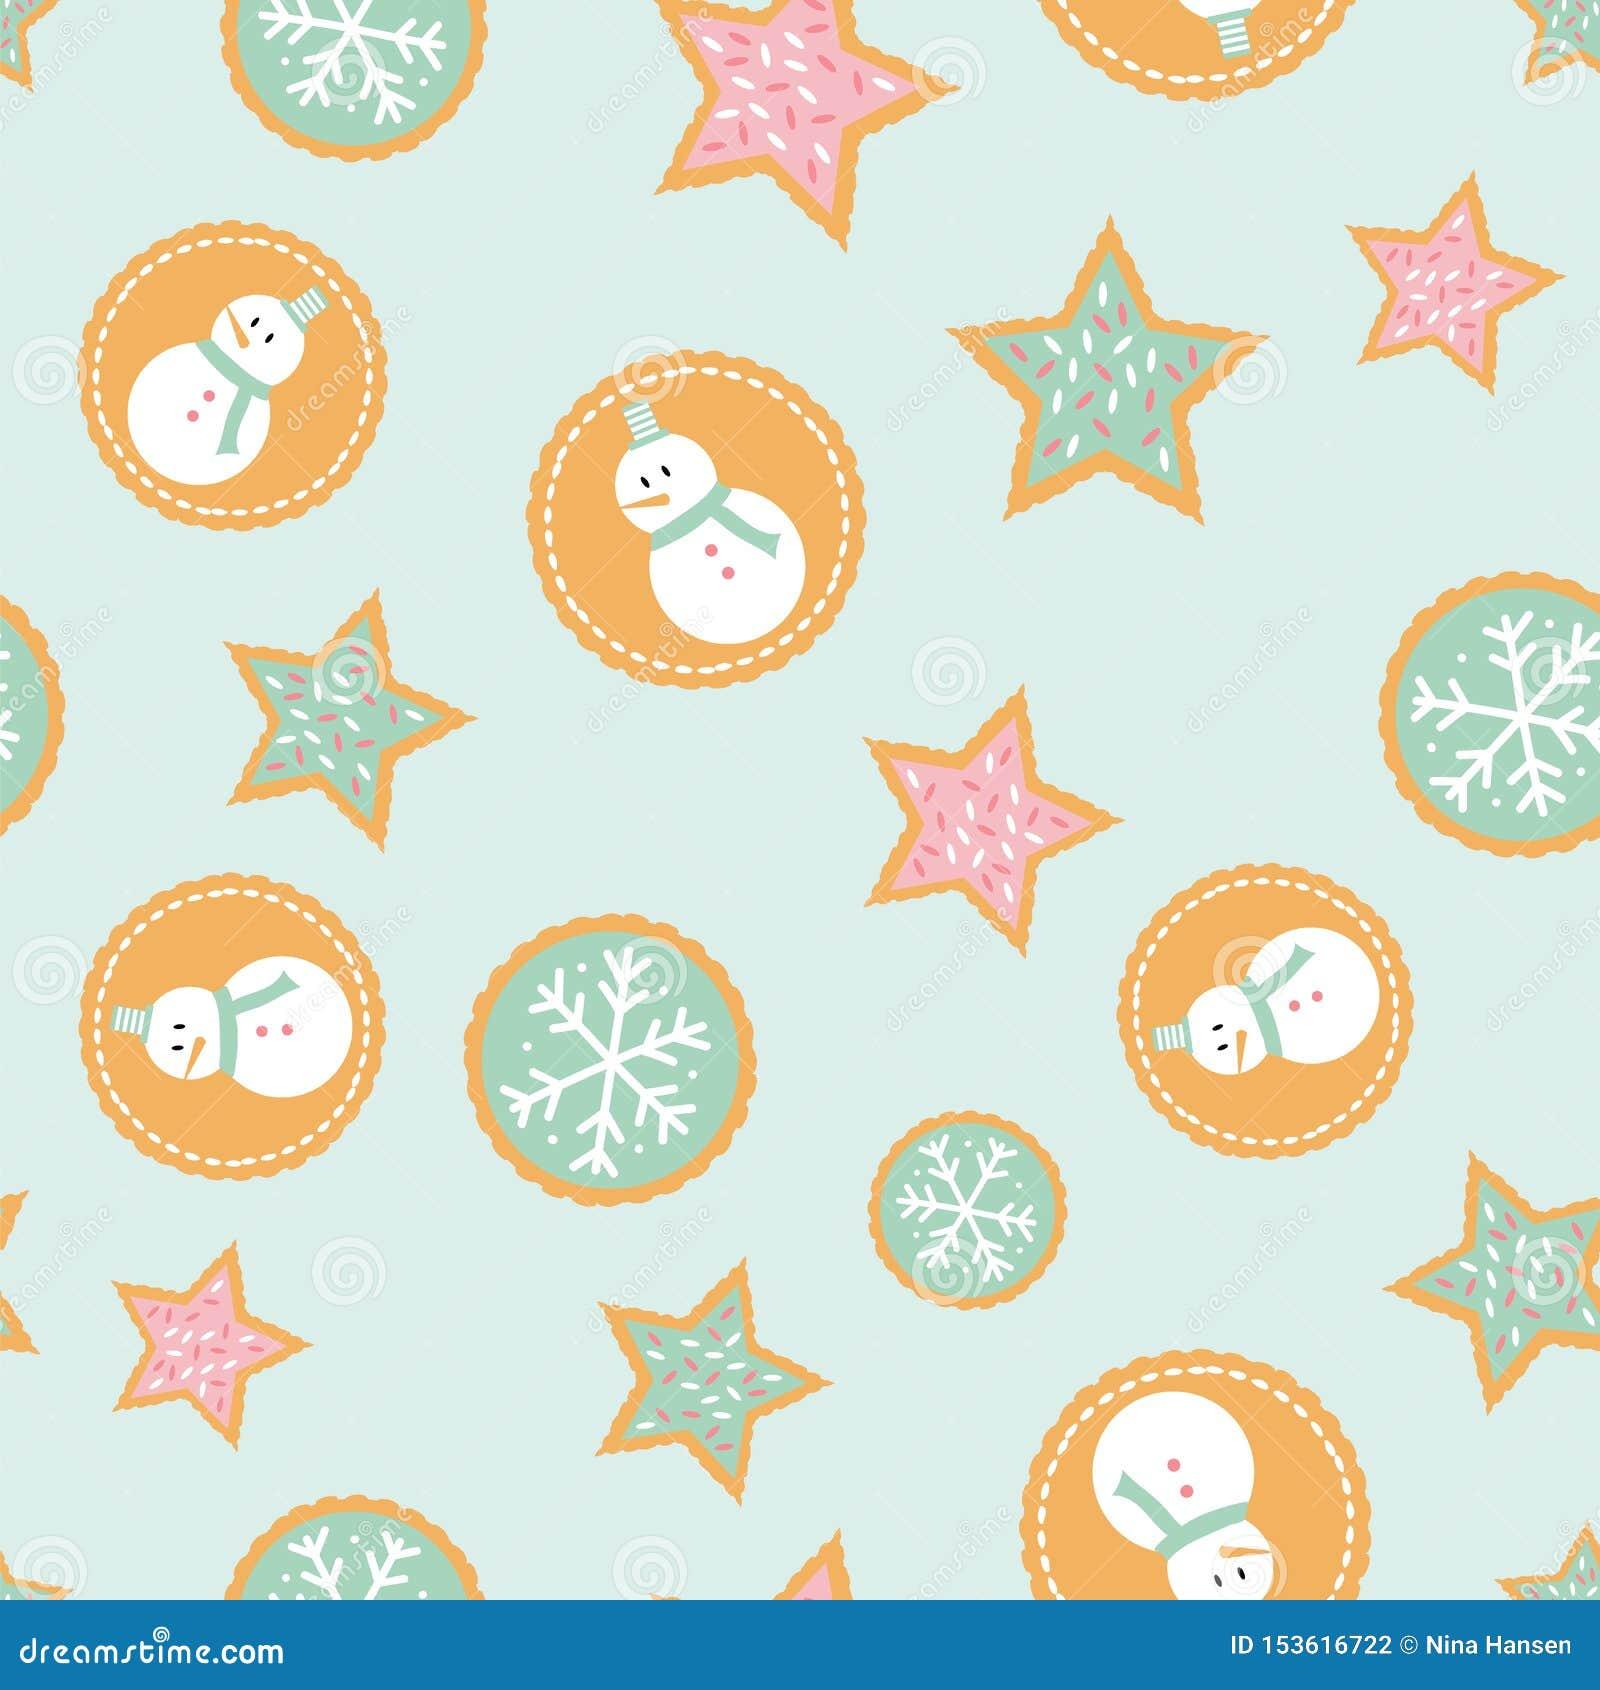 Naadloos patroon van de koekjes van de de wintervakantie met sneeuwmannen, sneeuwvlokken, en sterren een munt groene achtergrond